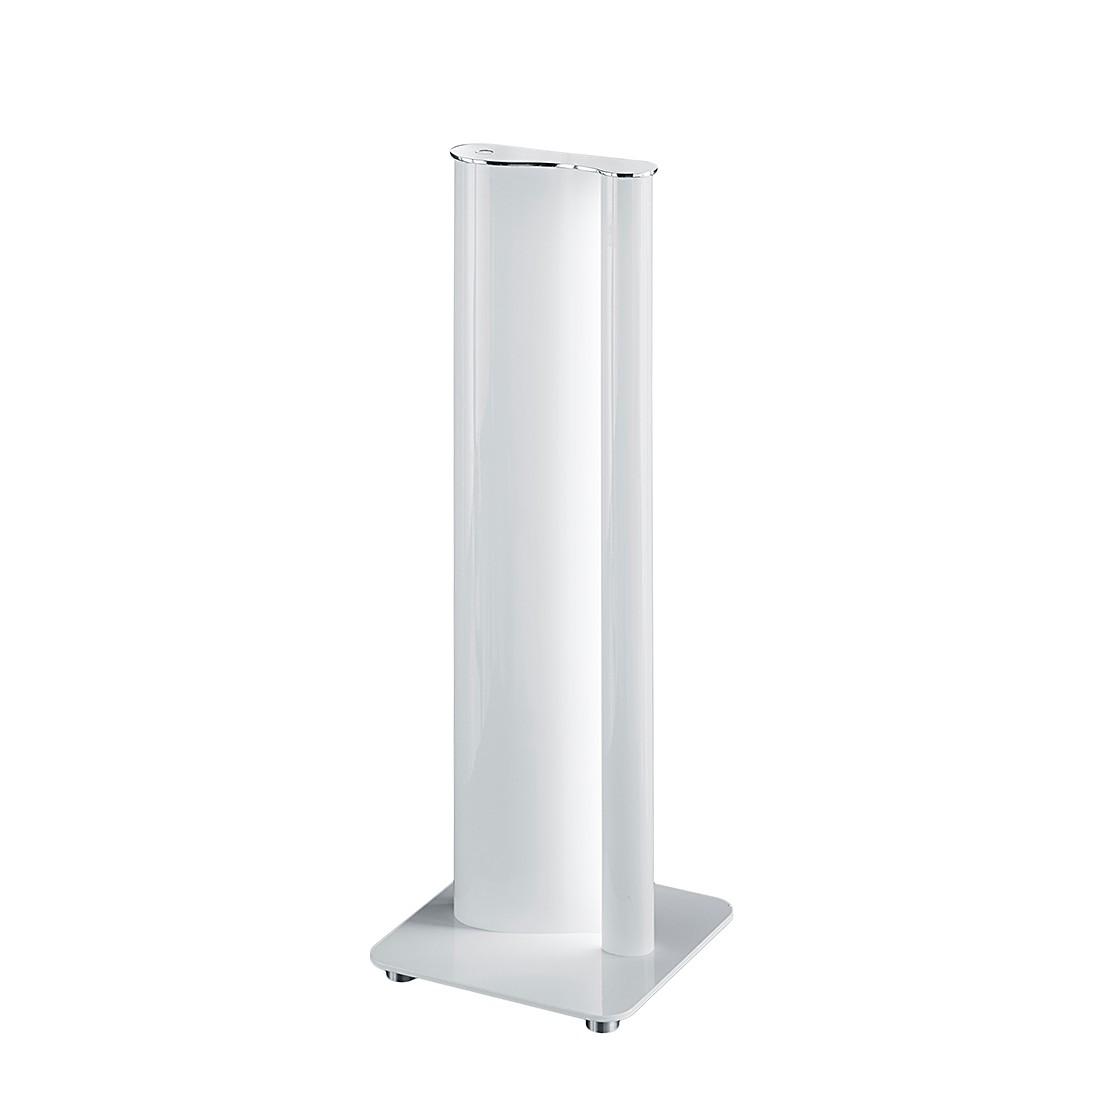 Tischleuchte KURVO ● Metall/Kunststoff ● Weiß- Helestra A+